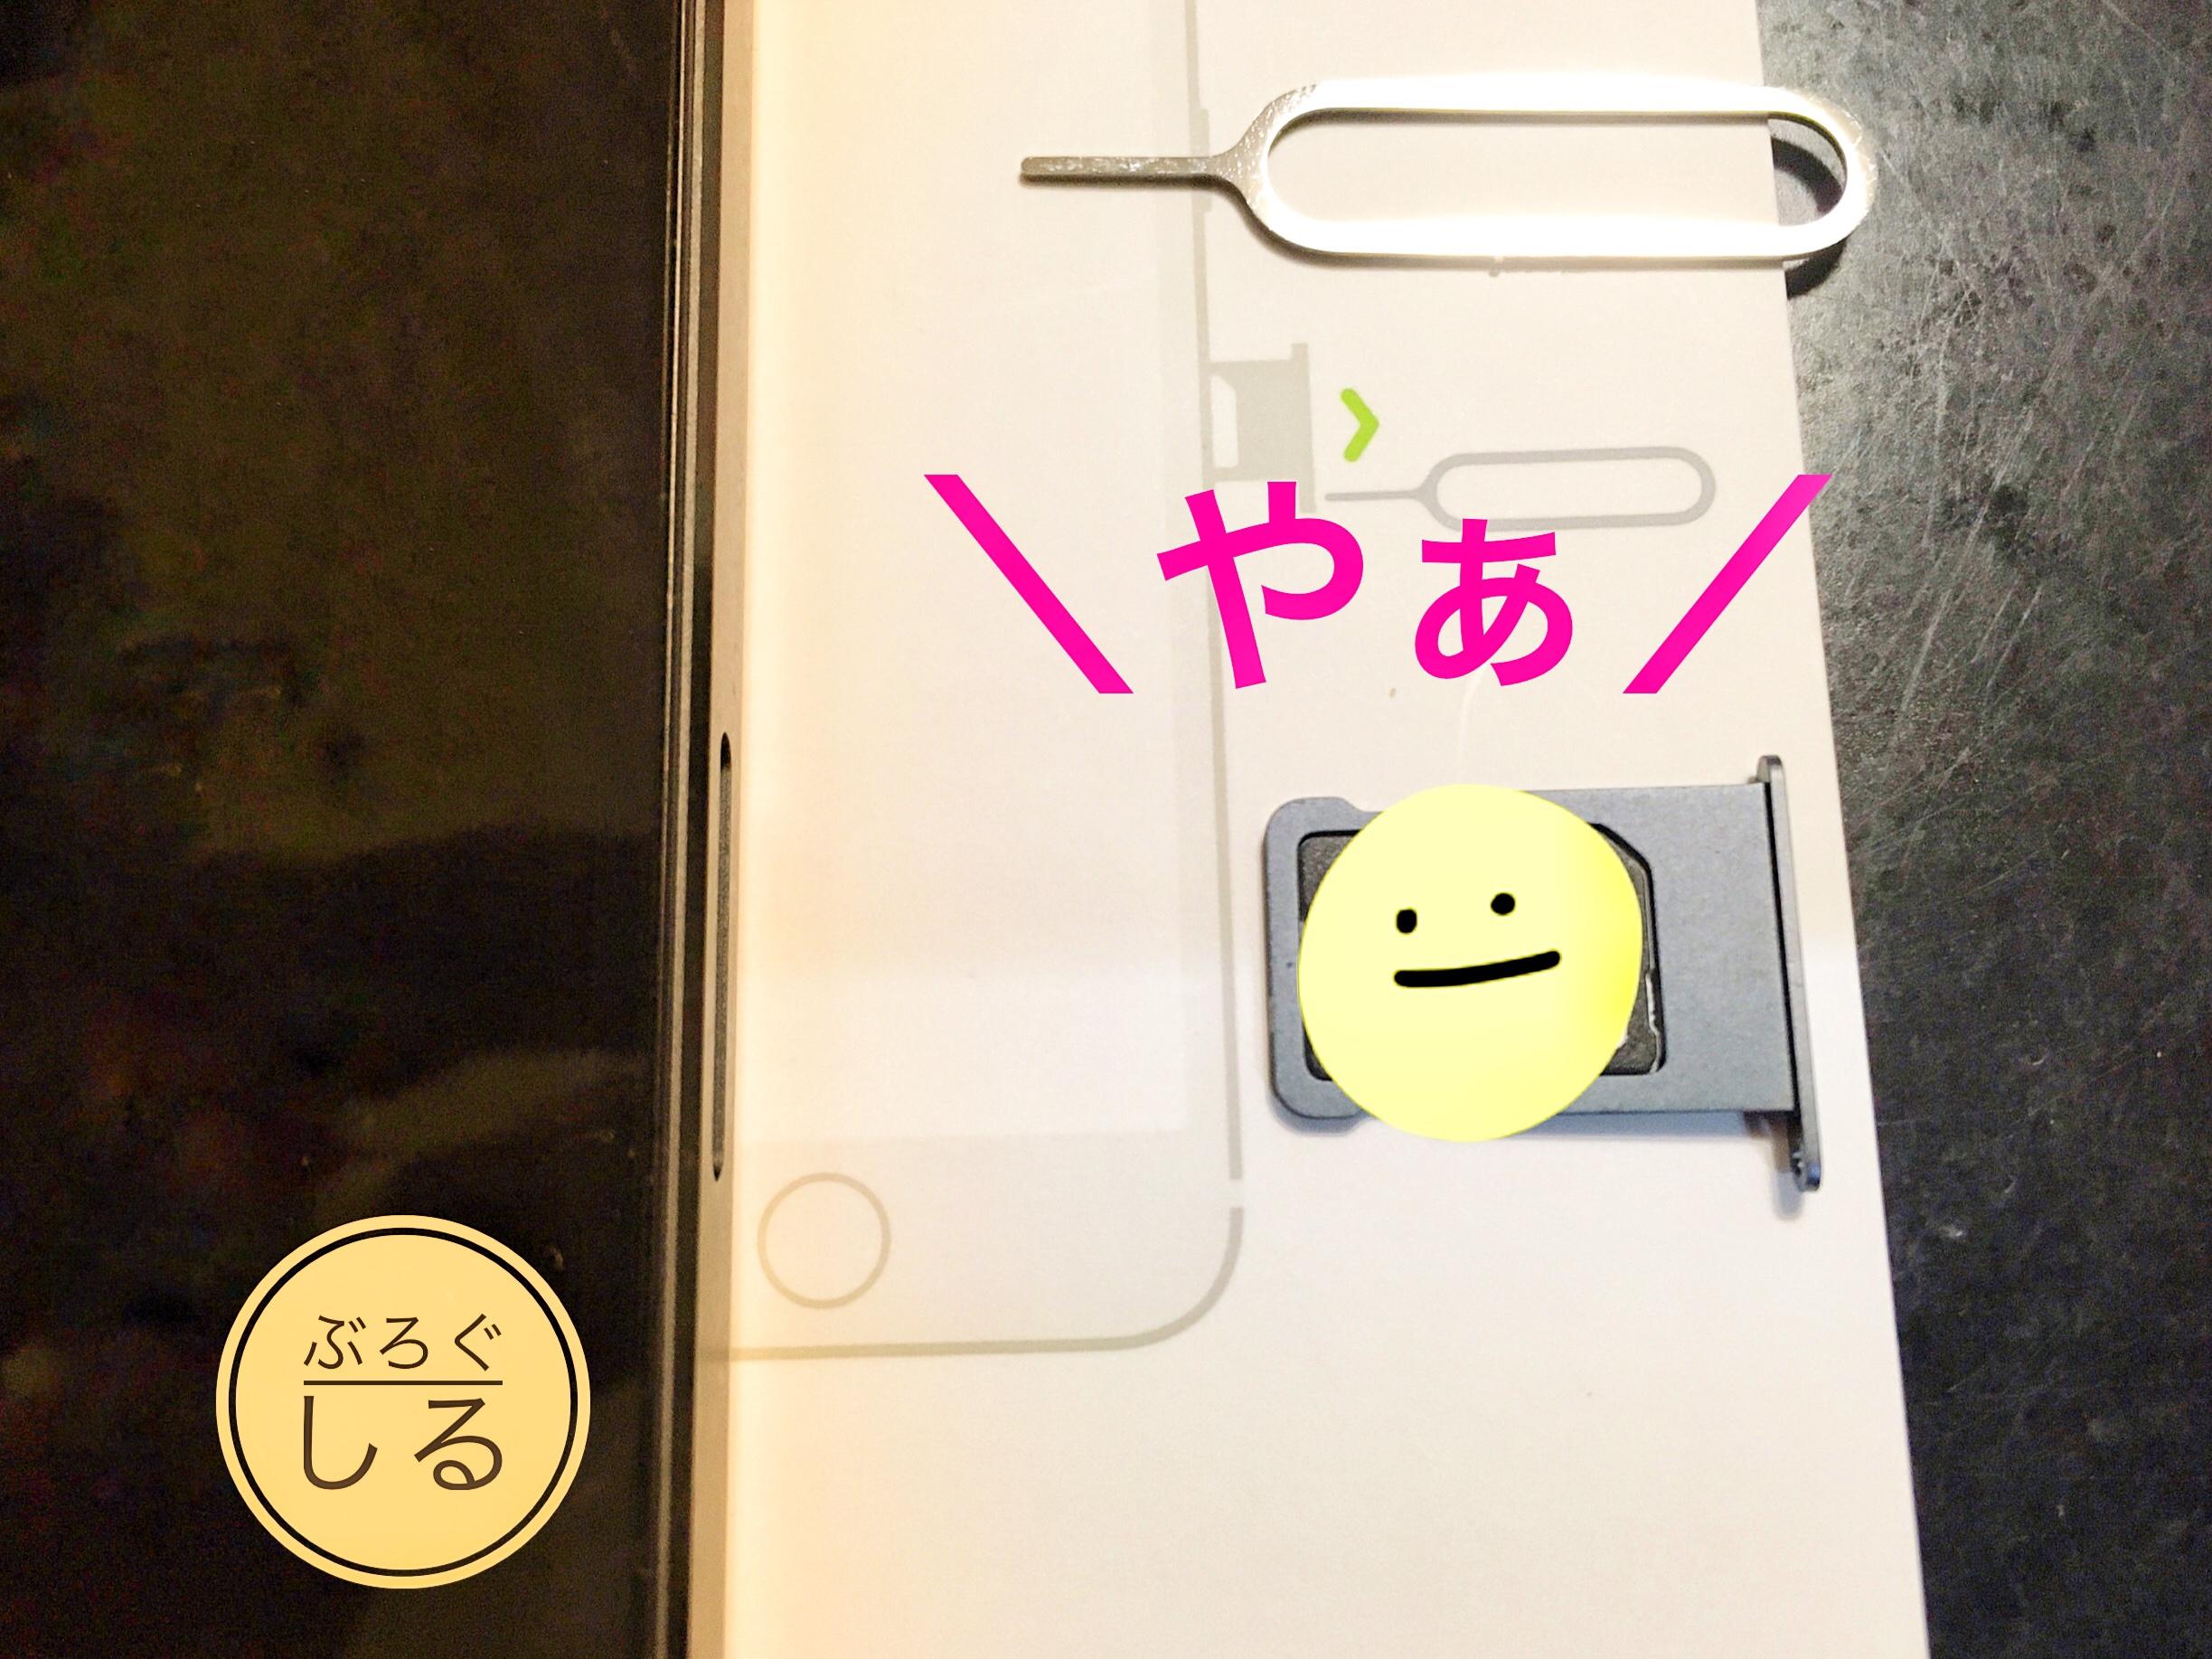 【UQモバイル】simなしになる・・・コレで一発で直った! img 2776